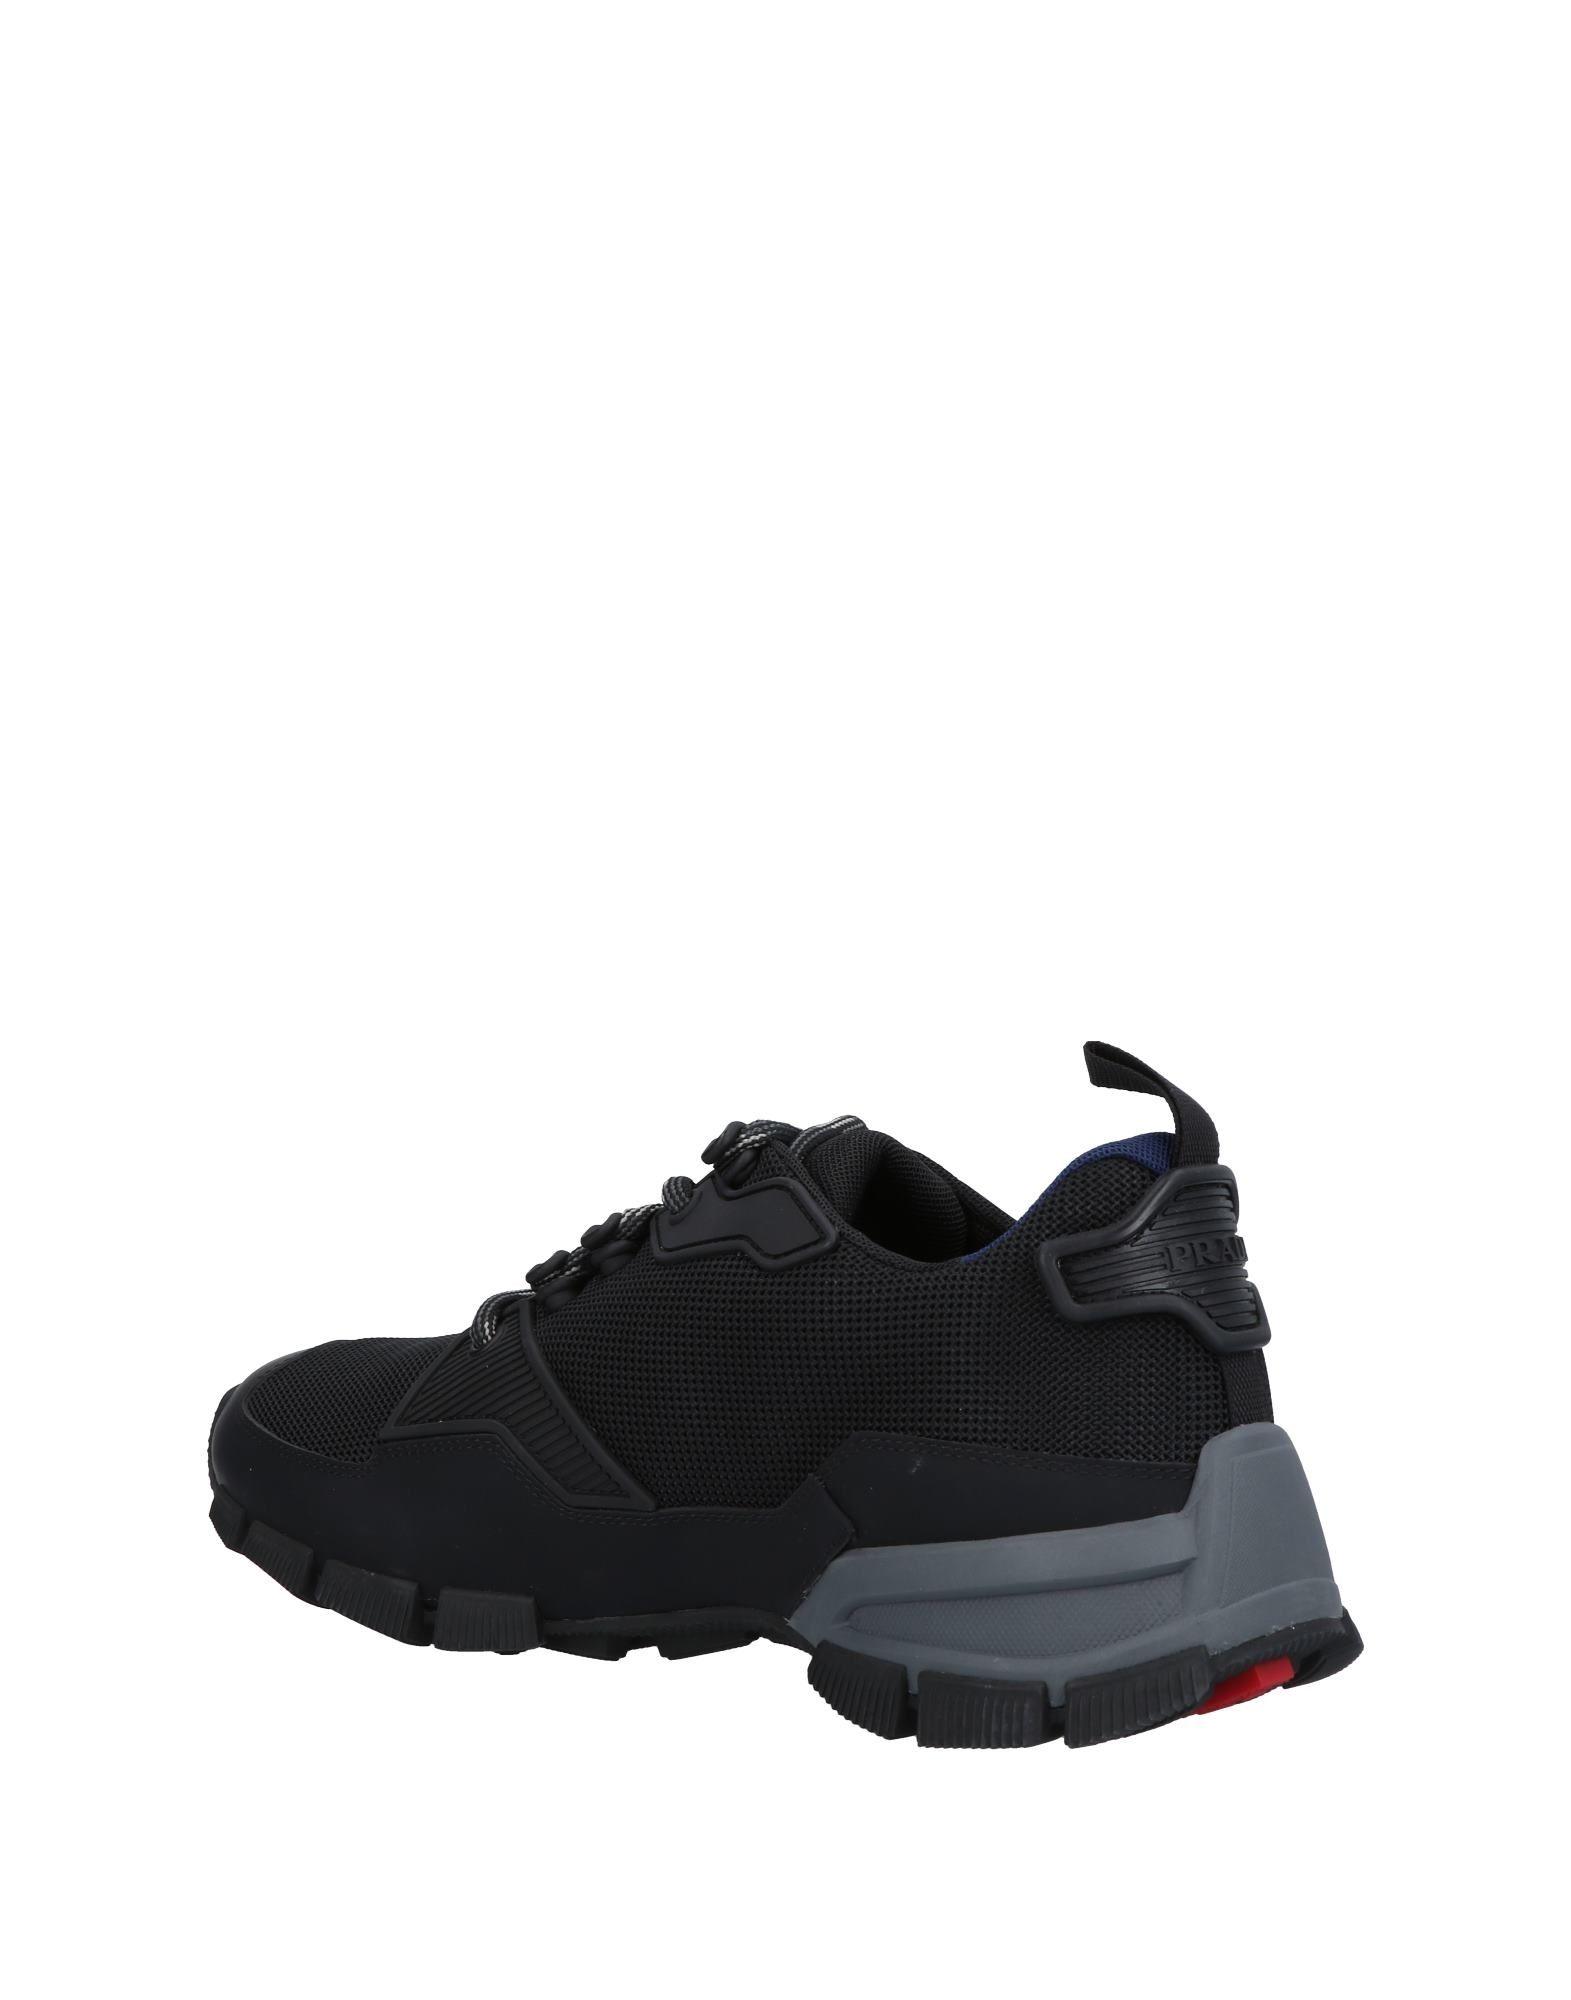 Prada Sport Sneakers Herren Gutes 7620 Preis-Leistungs-Verhältnis, es lohnt sich 7620 Gutes ece727